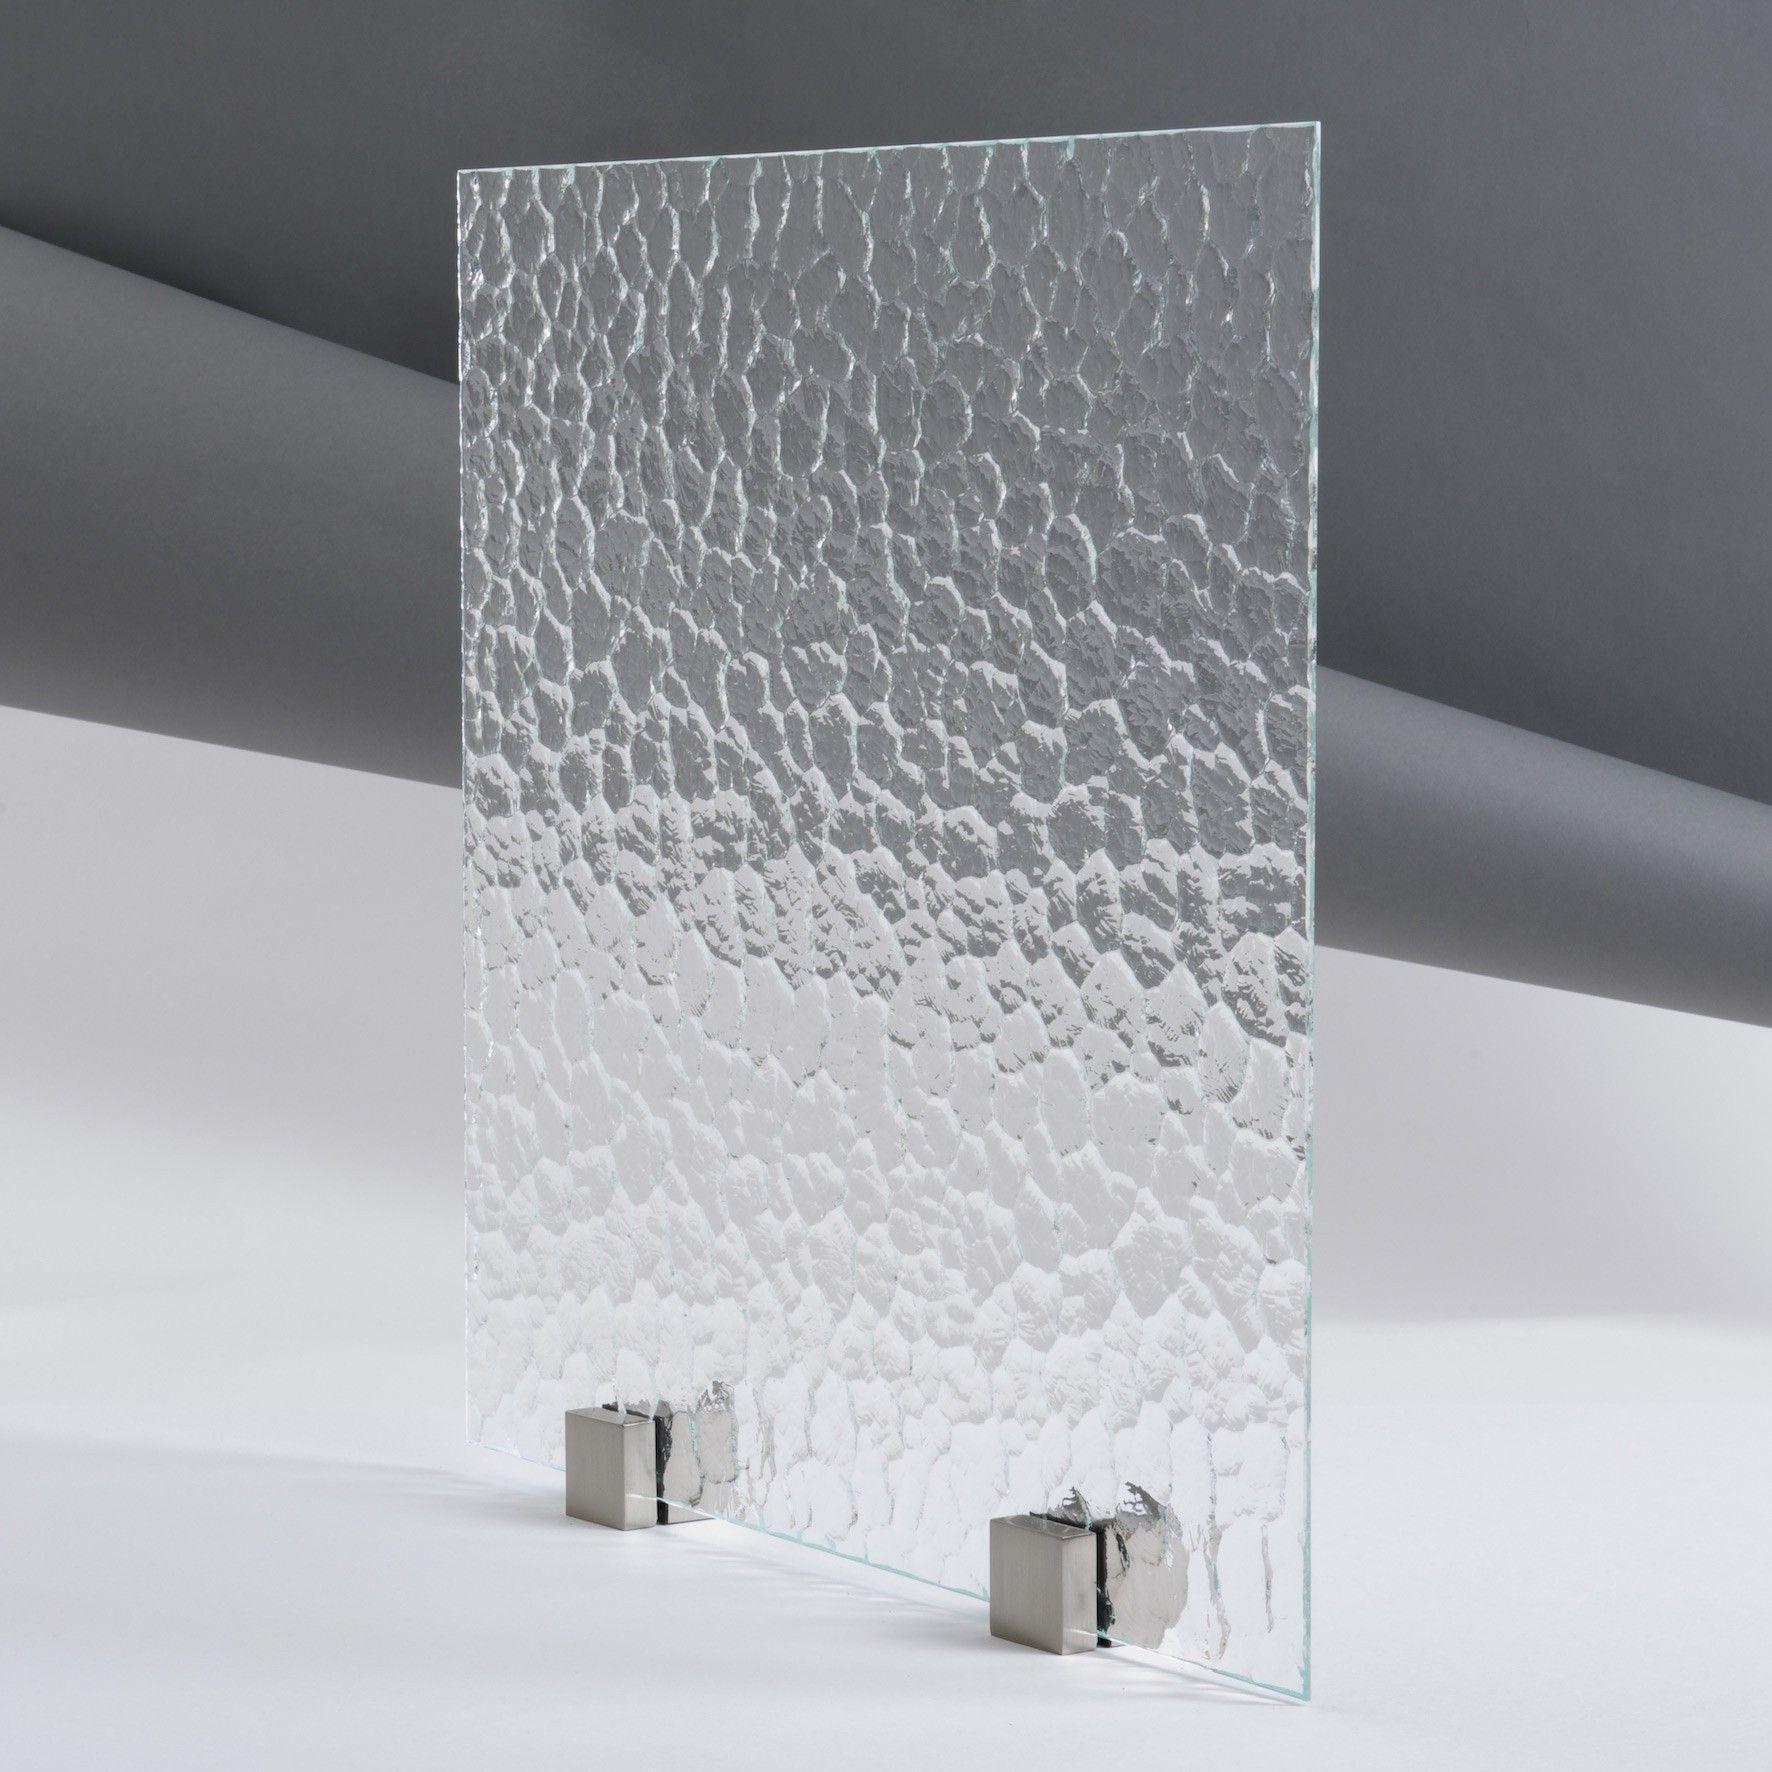 decoupe credence verre decoupe credence verre with decoupe credence verre fabulous credence. Black Bedroom Furniture Sets. Home Design Ideas